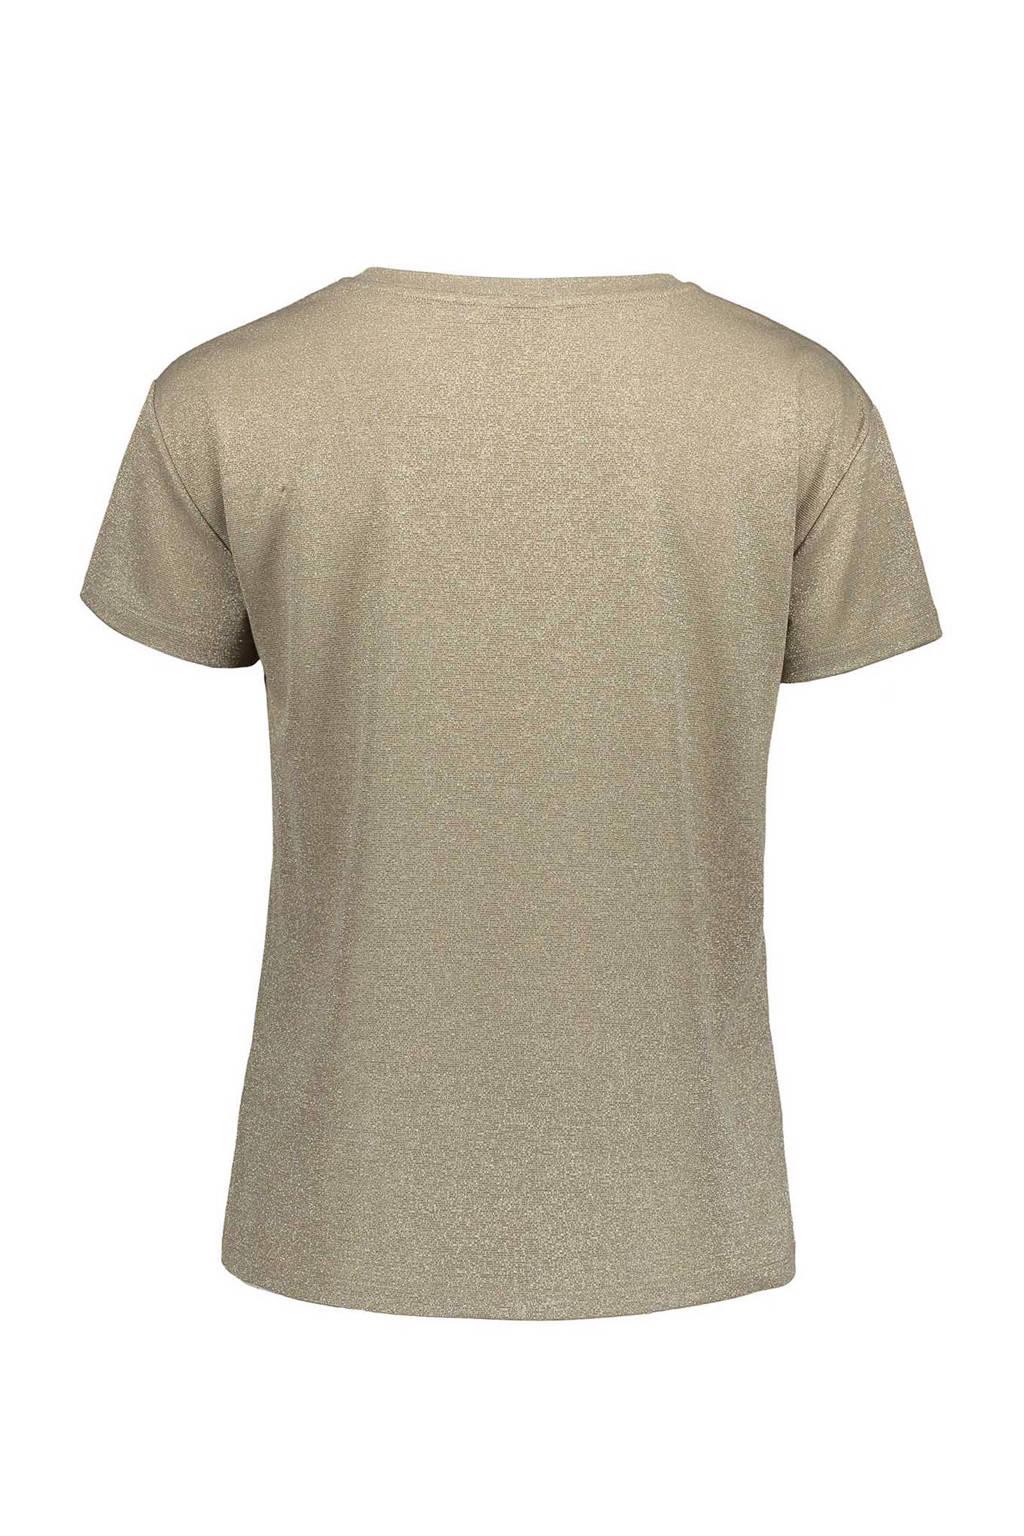 Sissy-Boy glitter T-shirt beige, Beige